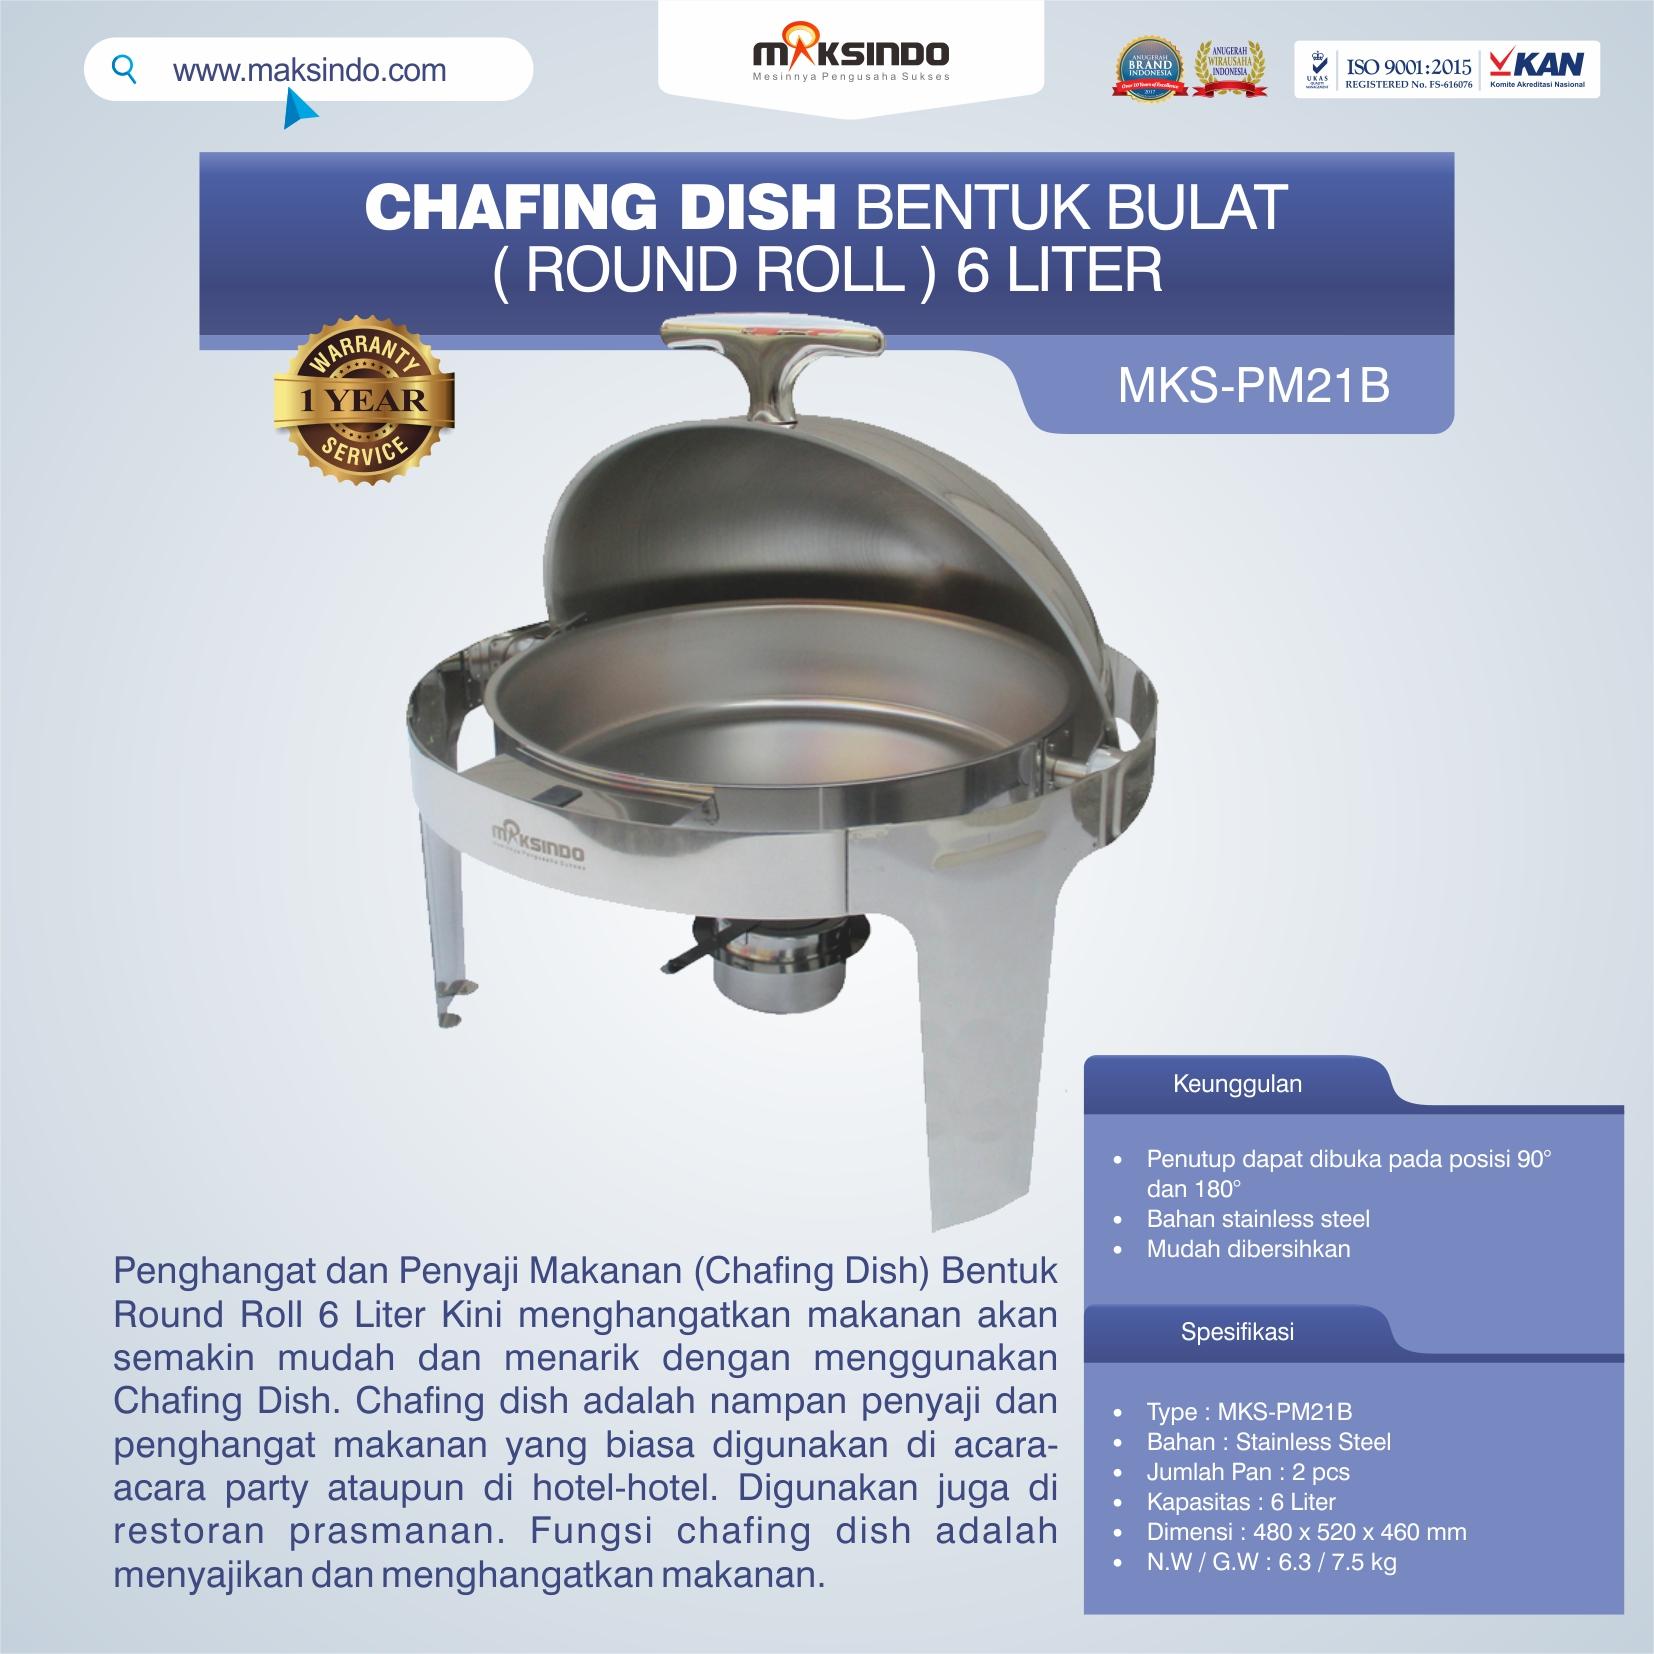 Jual Chafing Dish Bentuk Bulat (Round Roll) 6 Liter di Pekanbaru